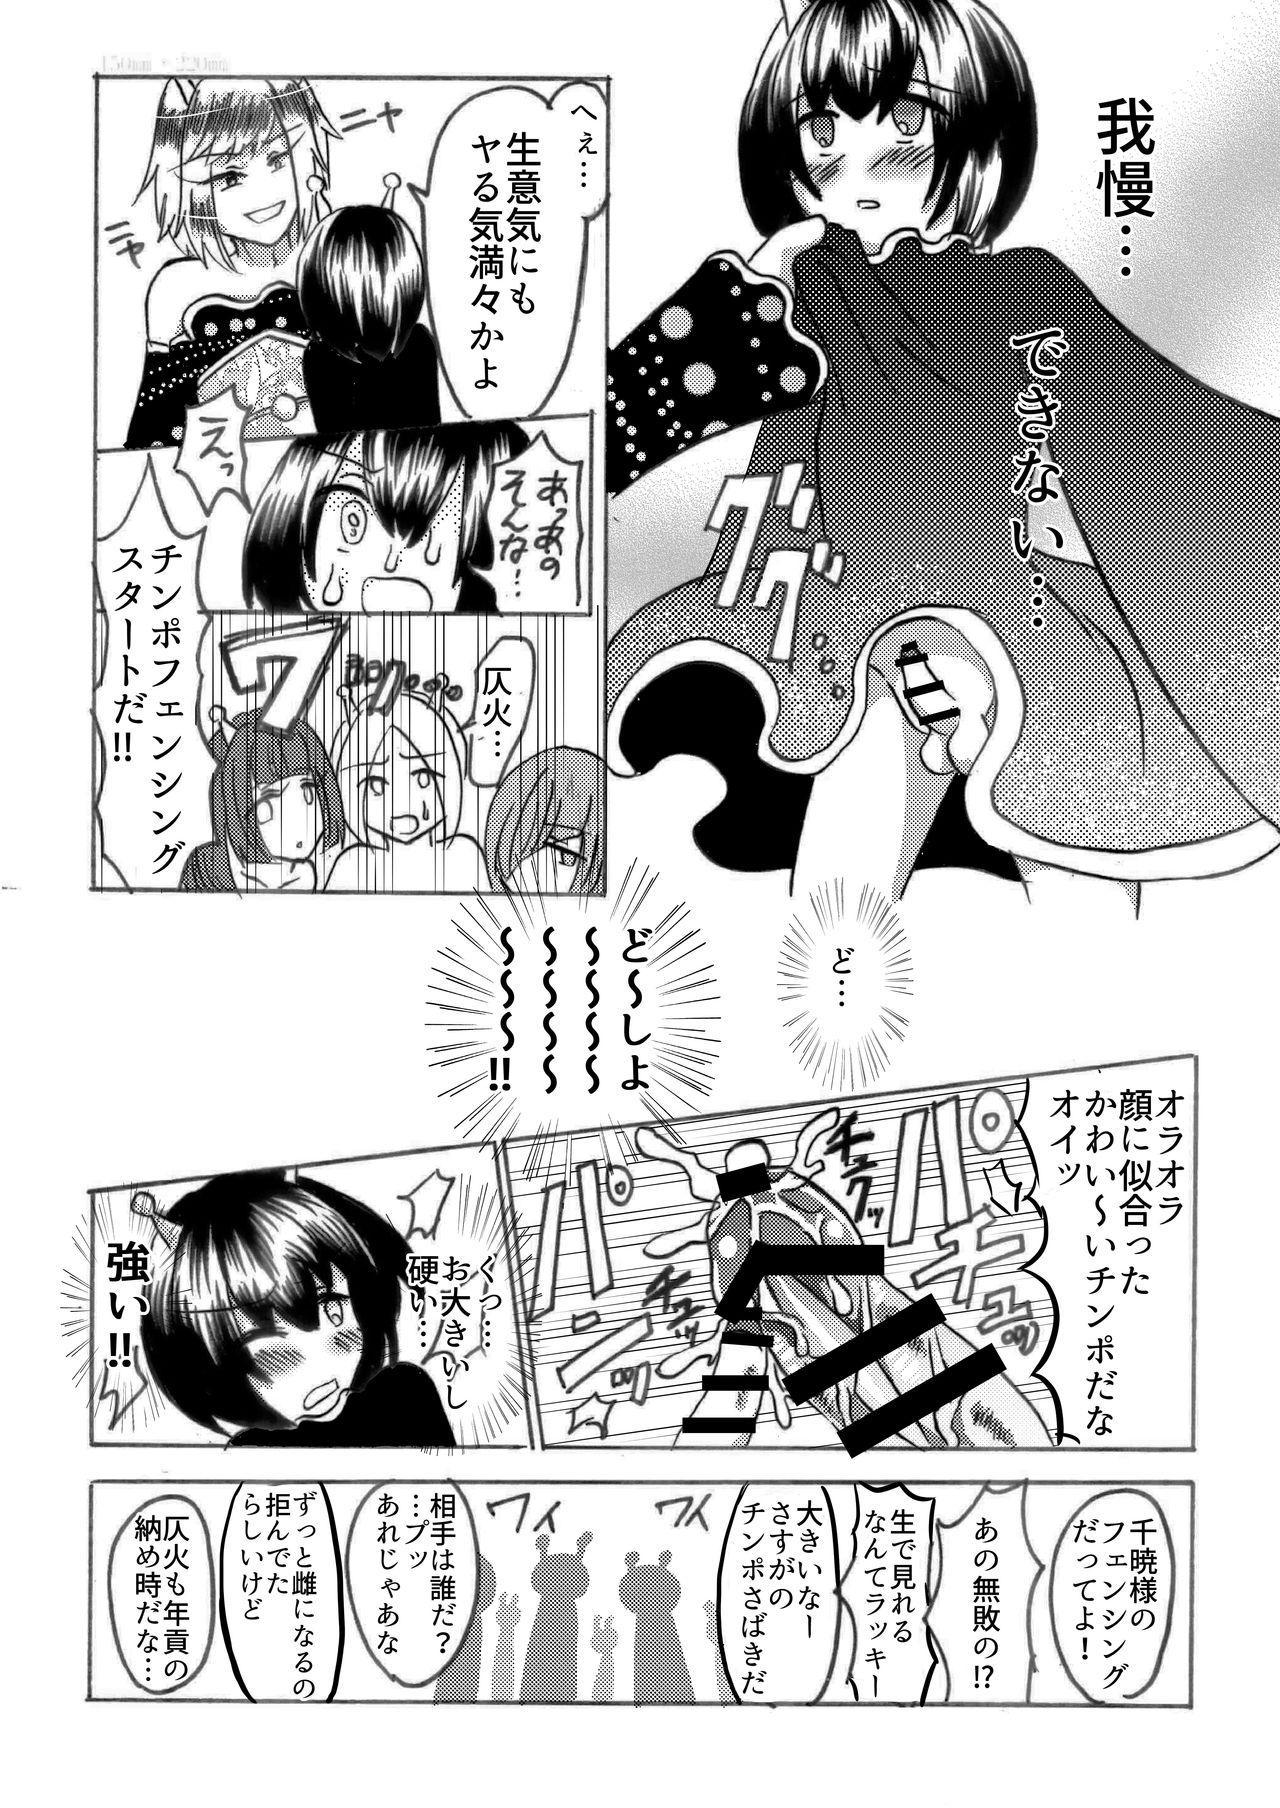 Hira-zoku no Hanashi 10